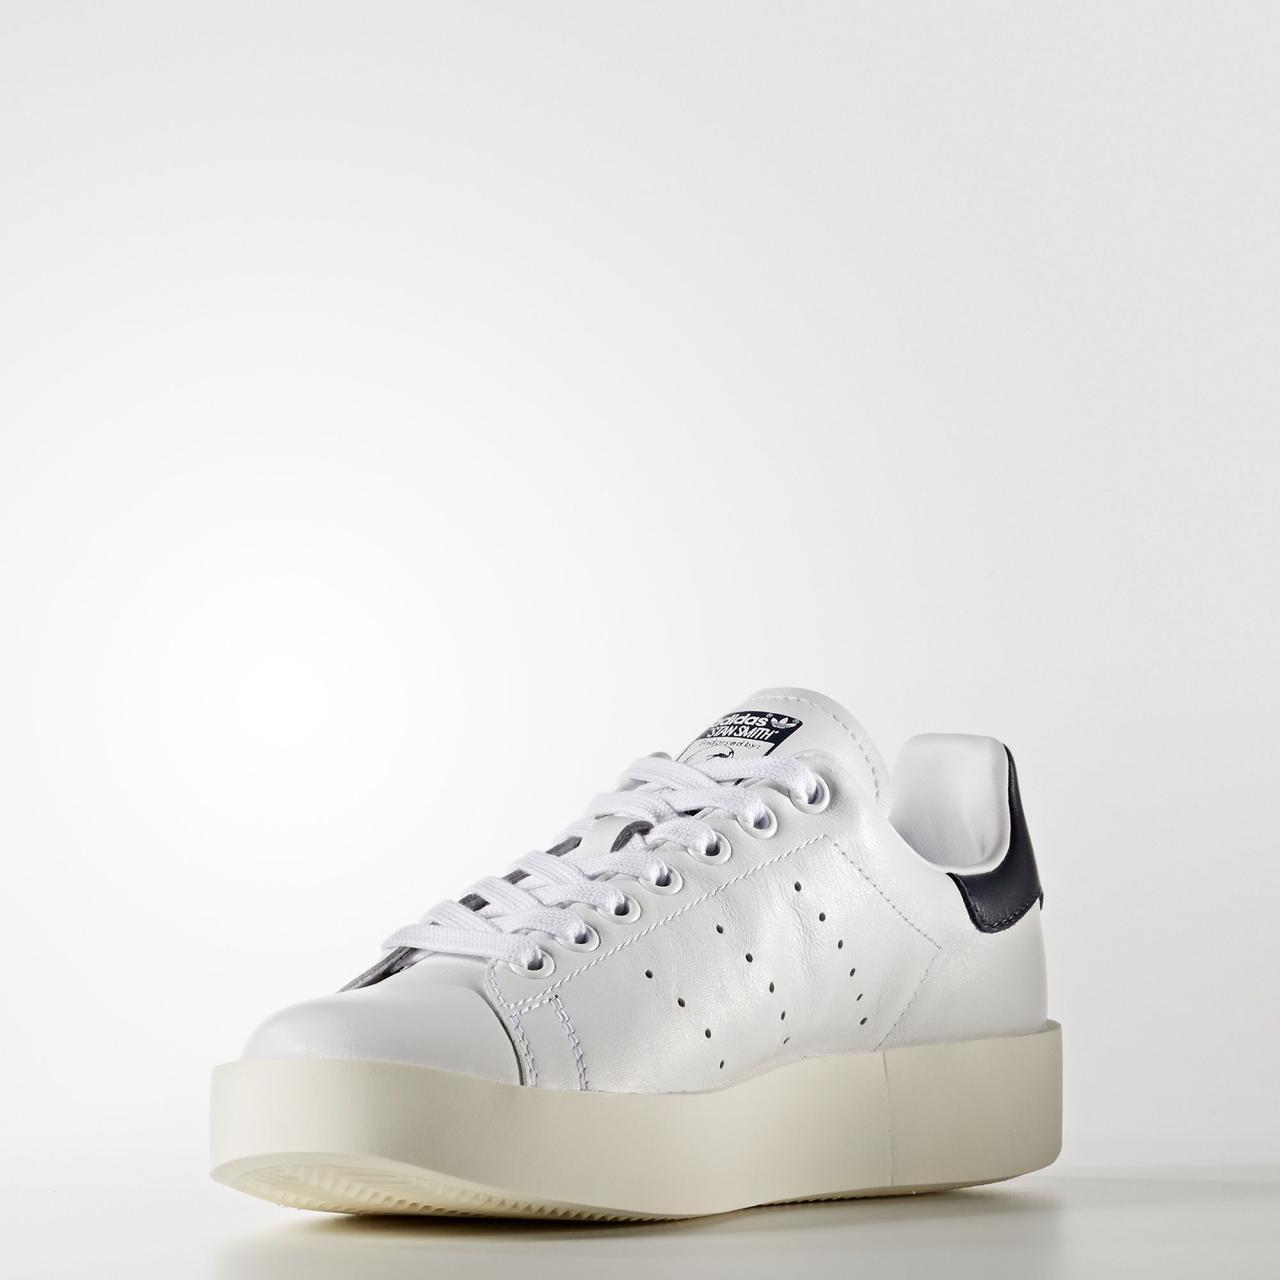 c1005333276c Женские кроссовки Adidas Originals Stan Smith Bold (Артикул  BA7770) - Адидас  официальный интернет